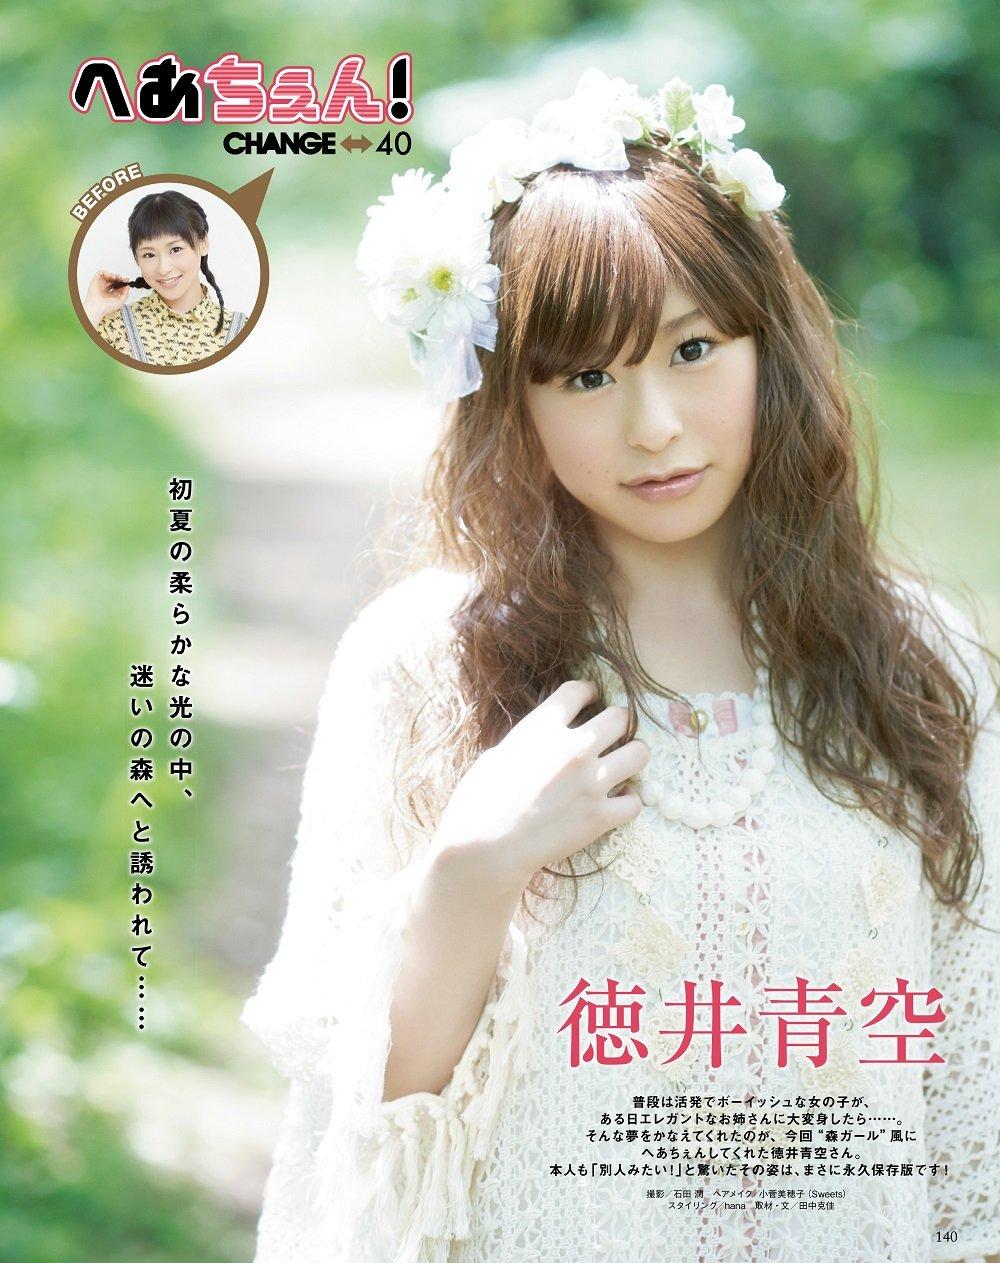 6월 10일 발매, 성우 그랑프리 2014년 7월호 샘플 사진..